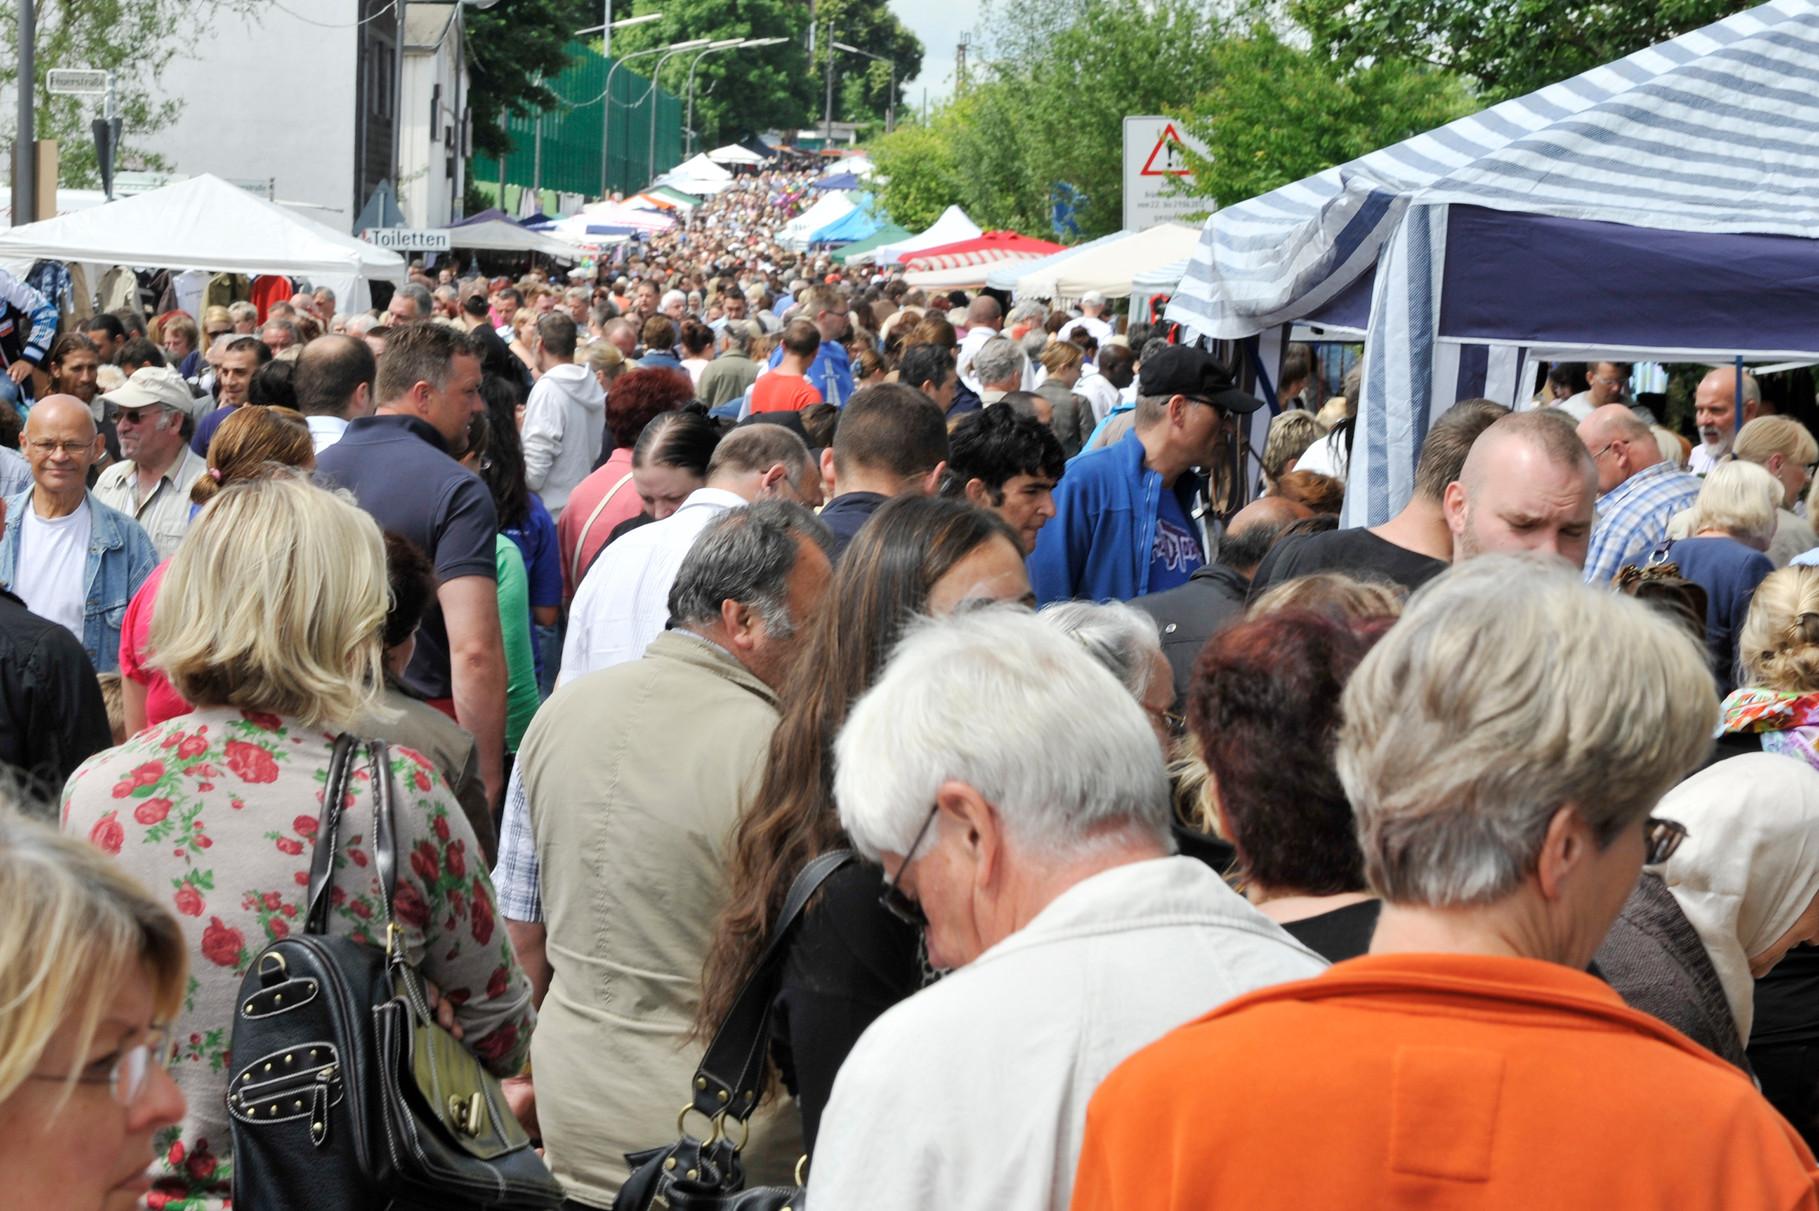 Menschenmenge auf dem Bleicherfest